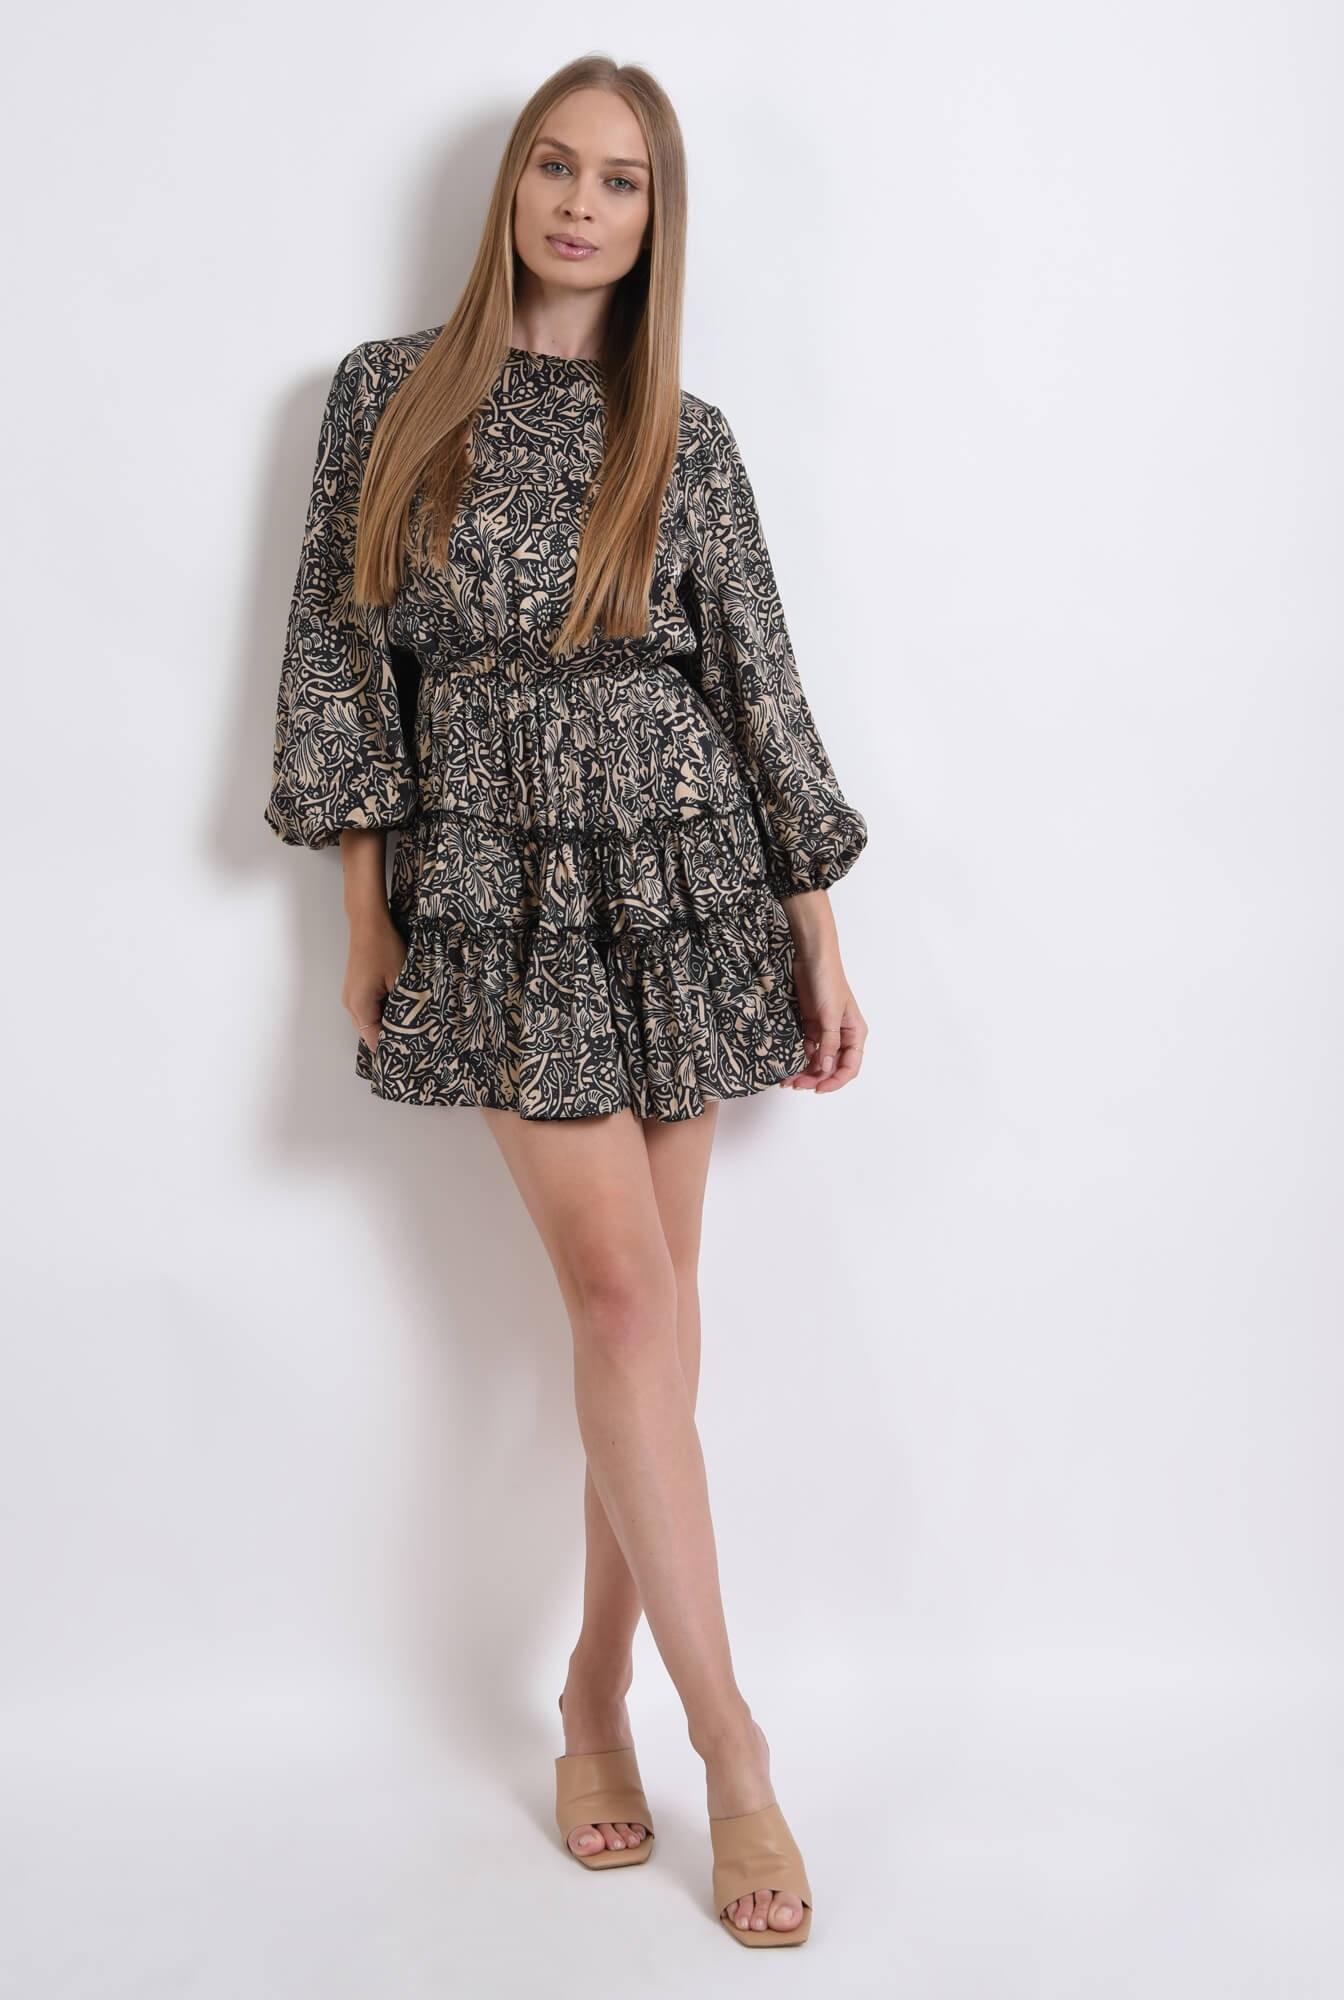 0 - rochie cu imprimeu, scurta, cu maneca voluminoasa